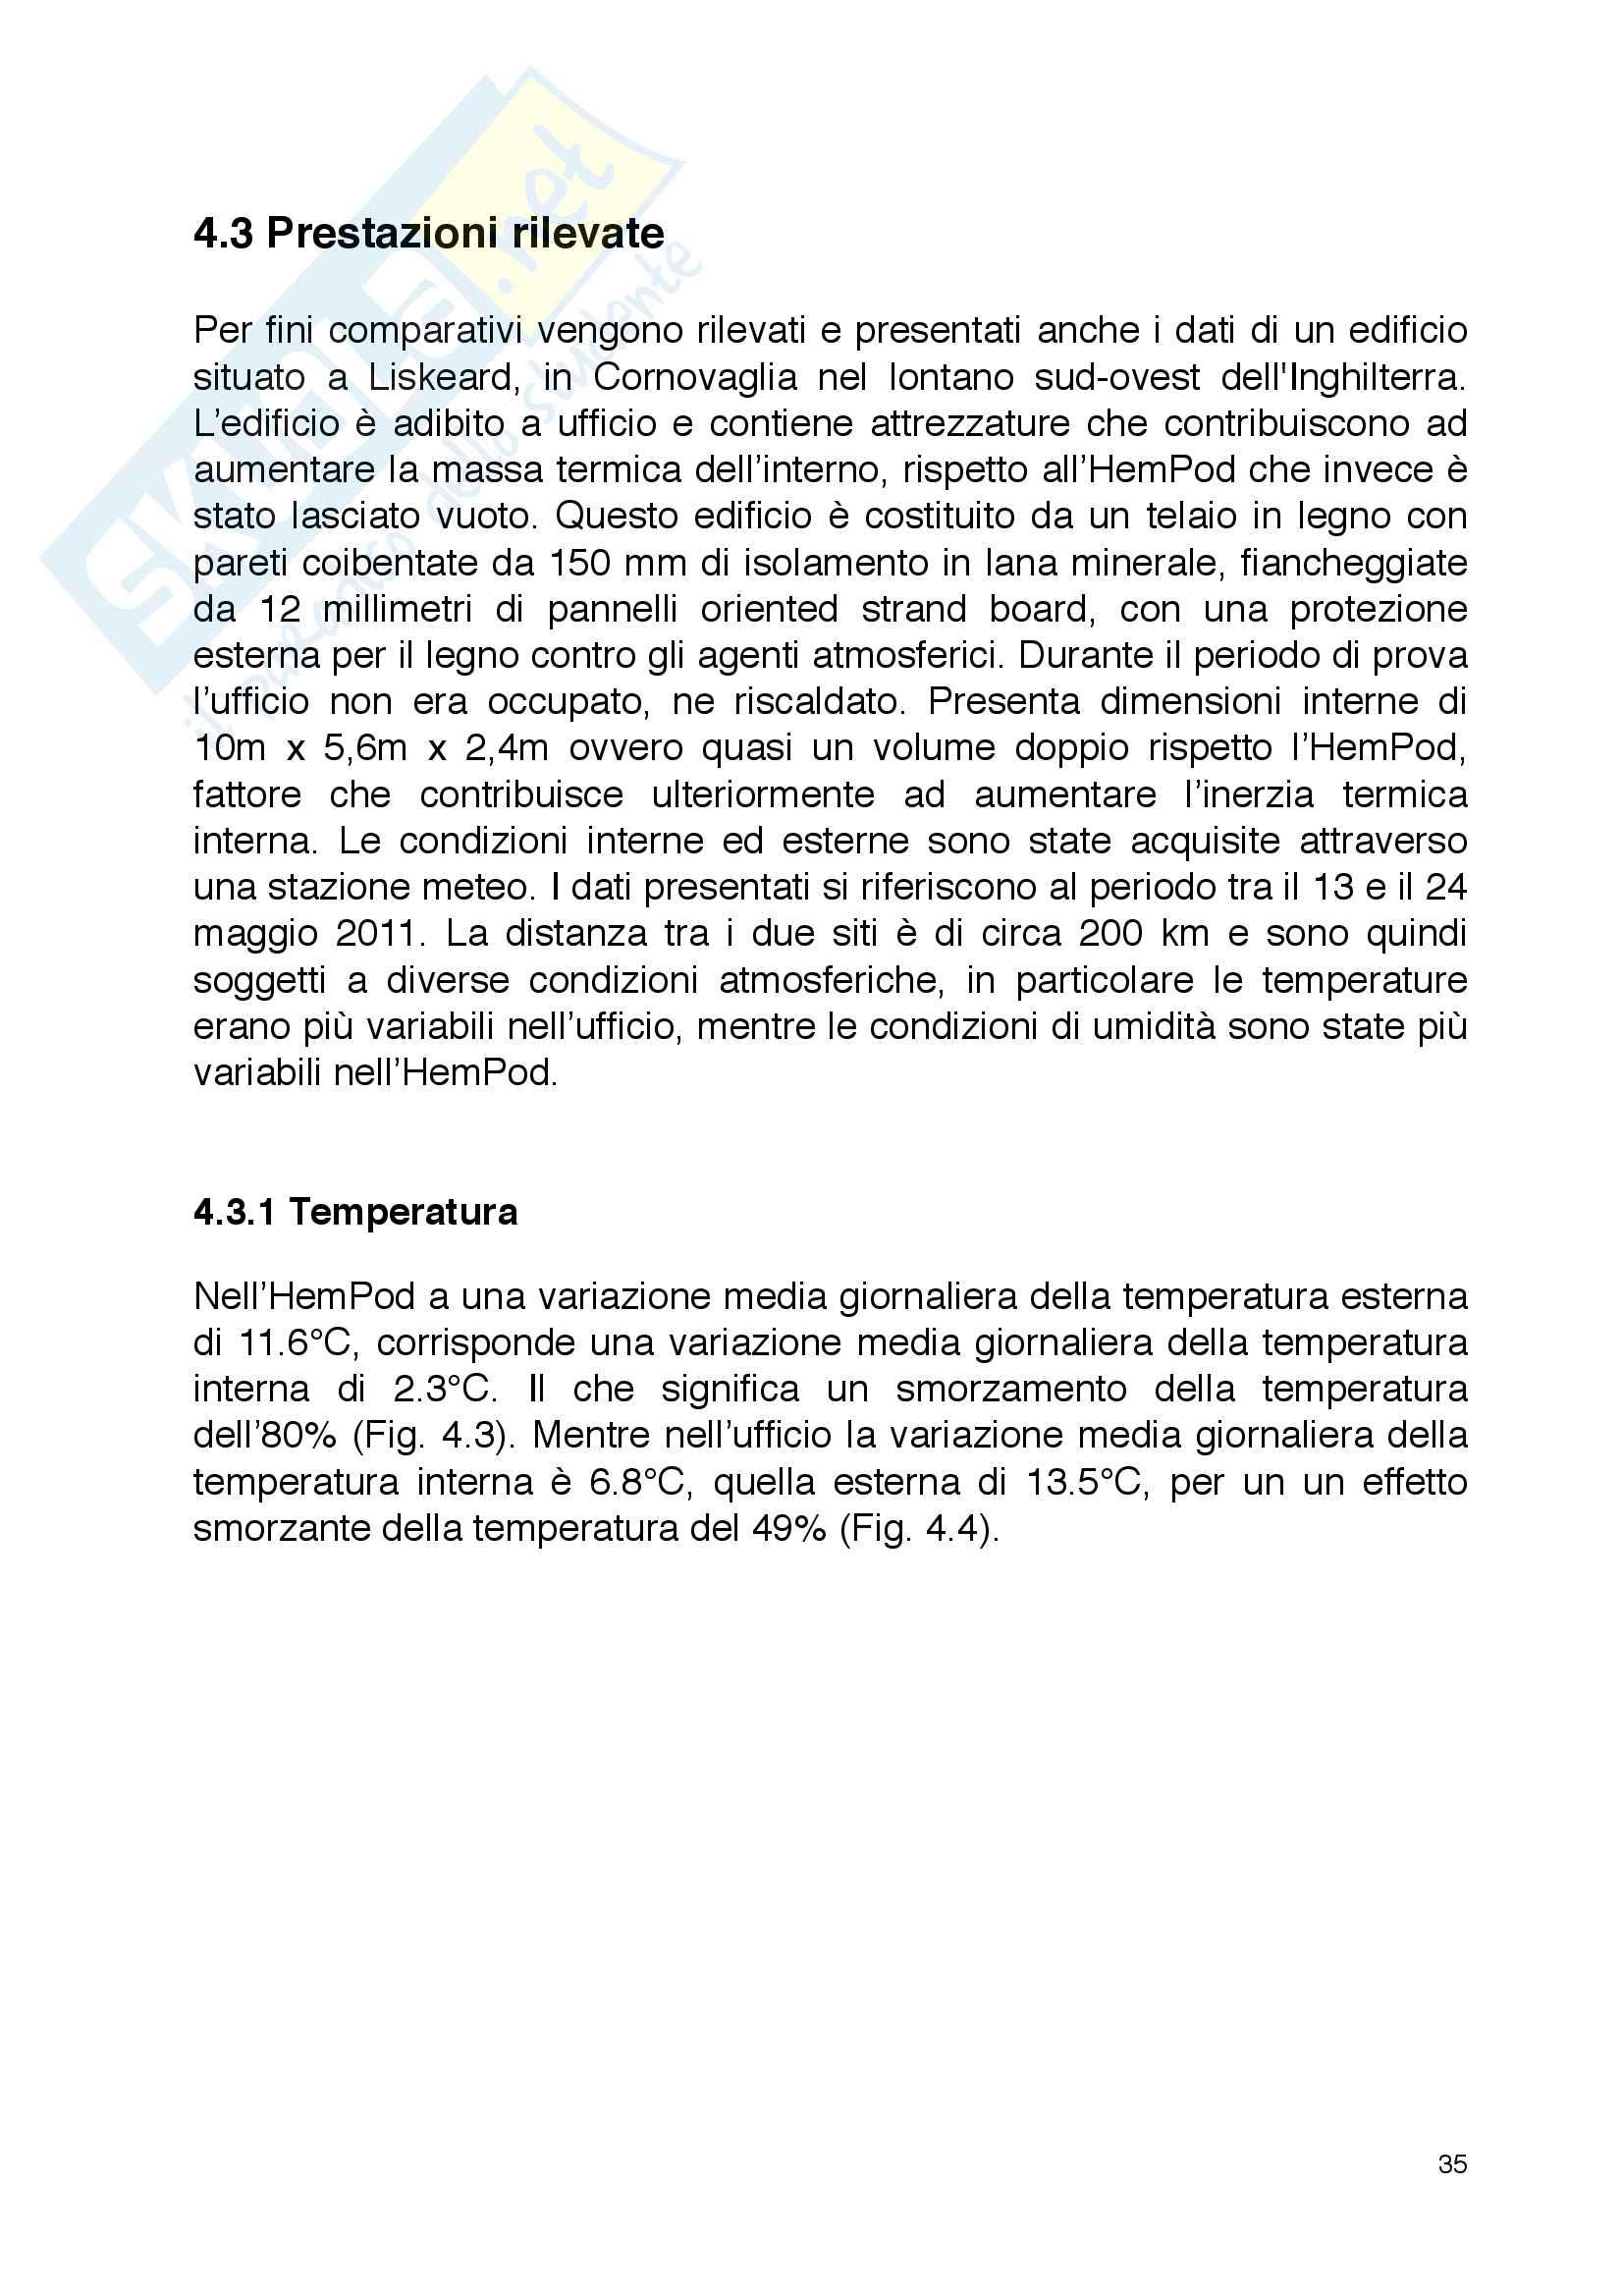 Utilizzazione delle fibre di canapa in edilizia - Tesi di laurea triennale in Ingegneria Civile Pag. 36